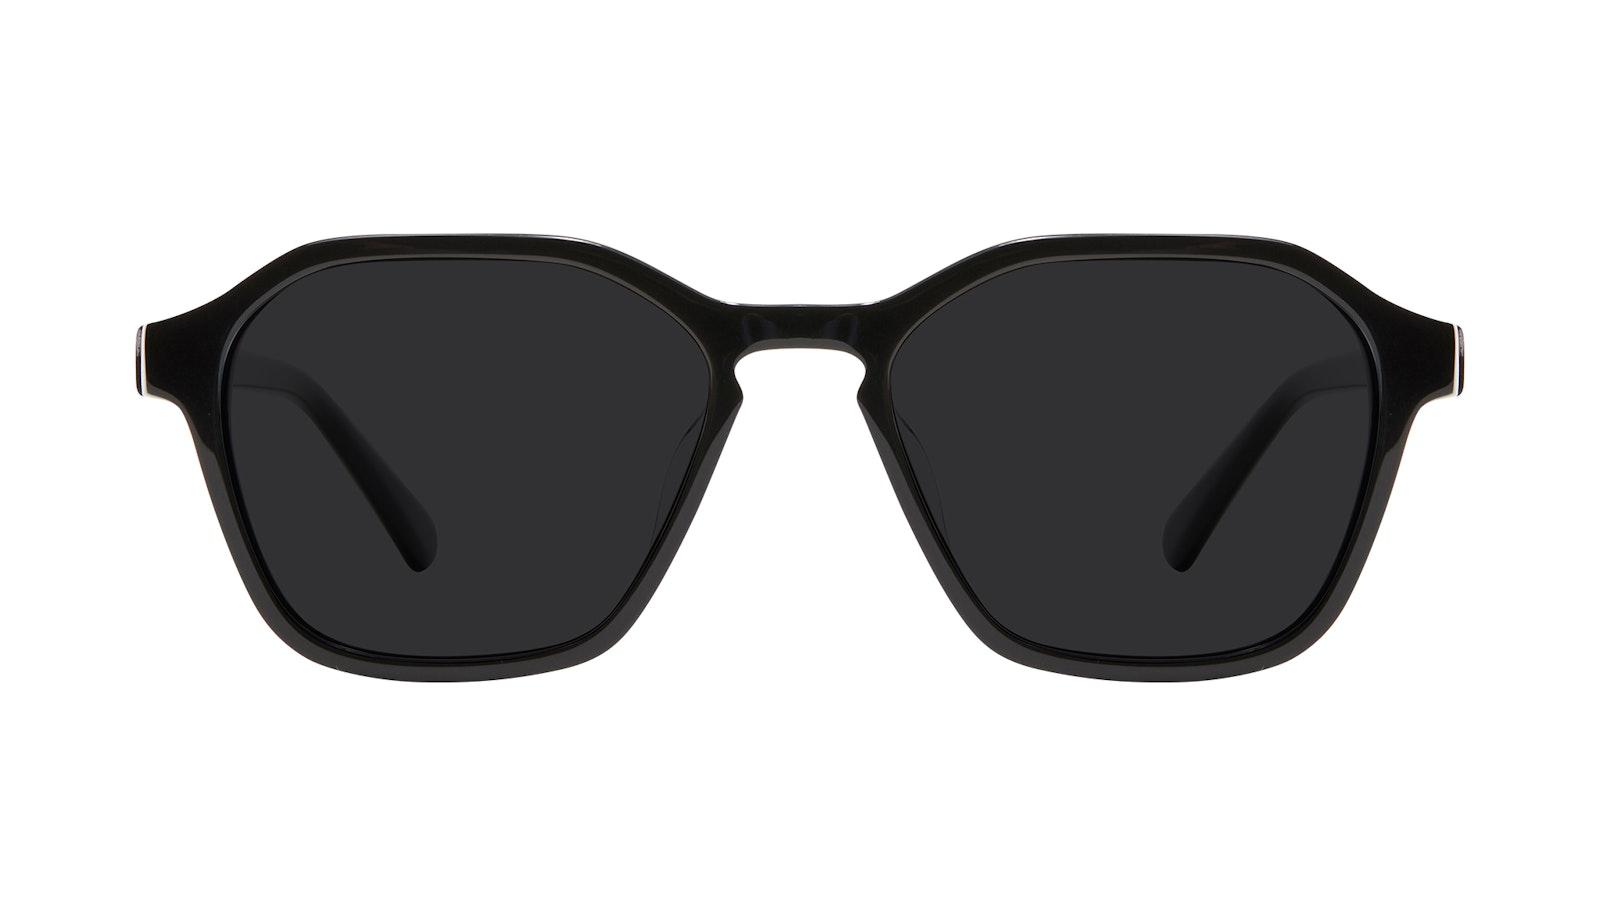 Lunettes tendance Carrée Lunettes de soleil Hommes Birdie Black